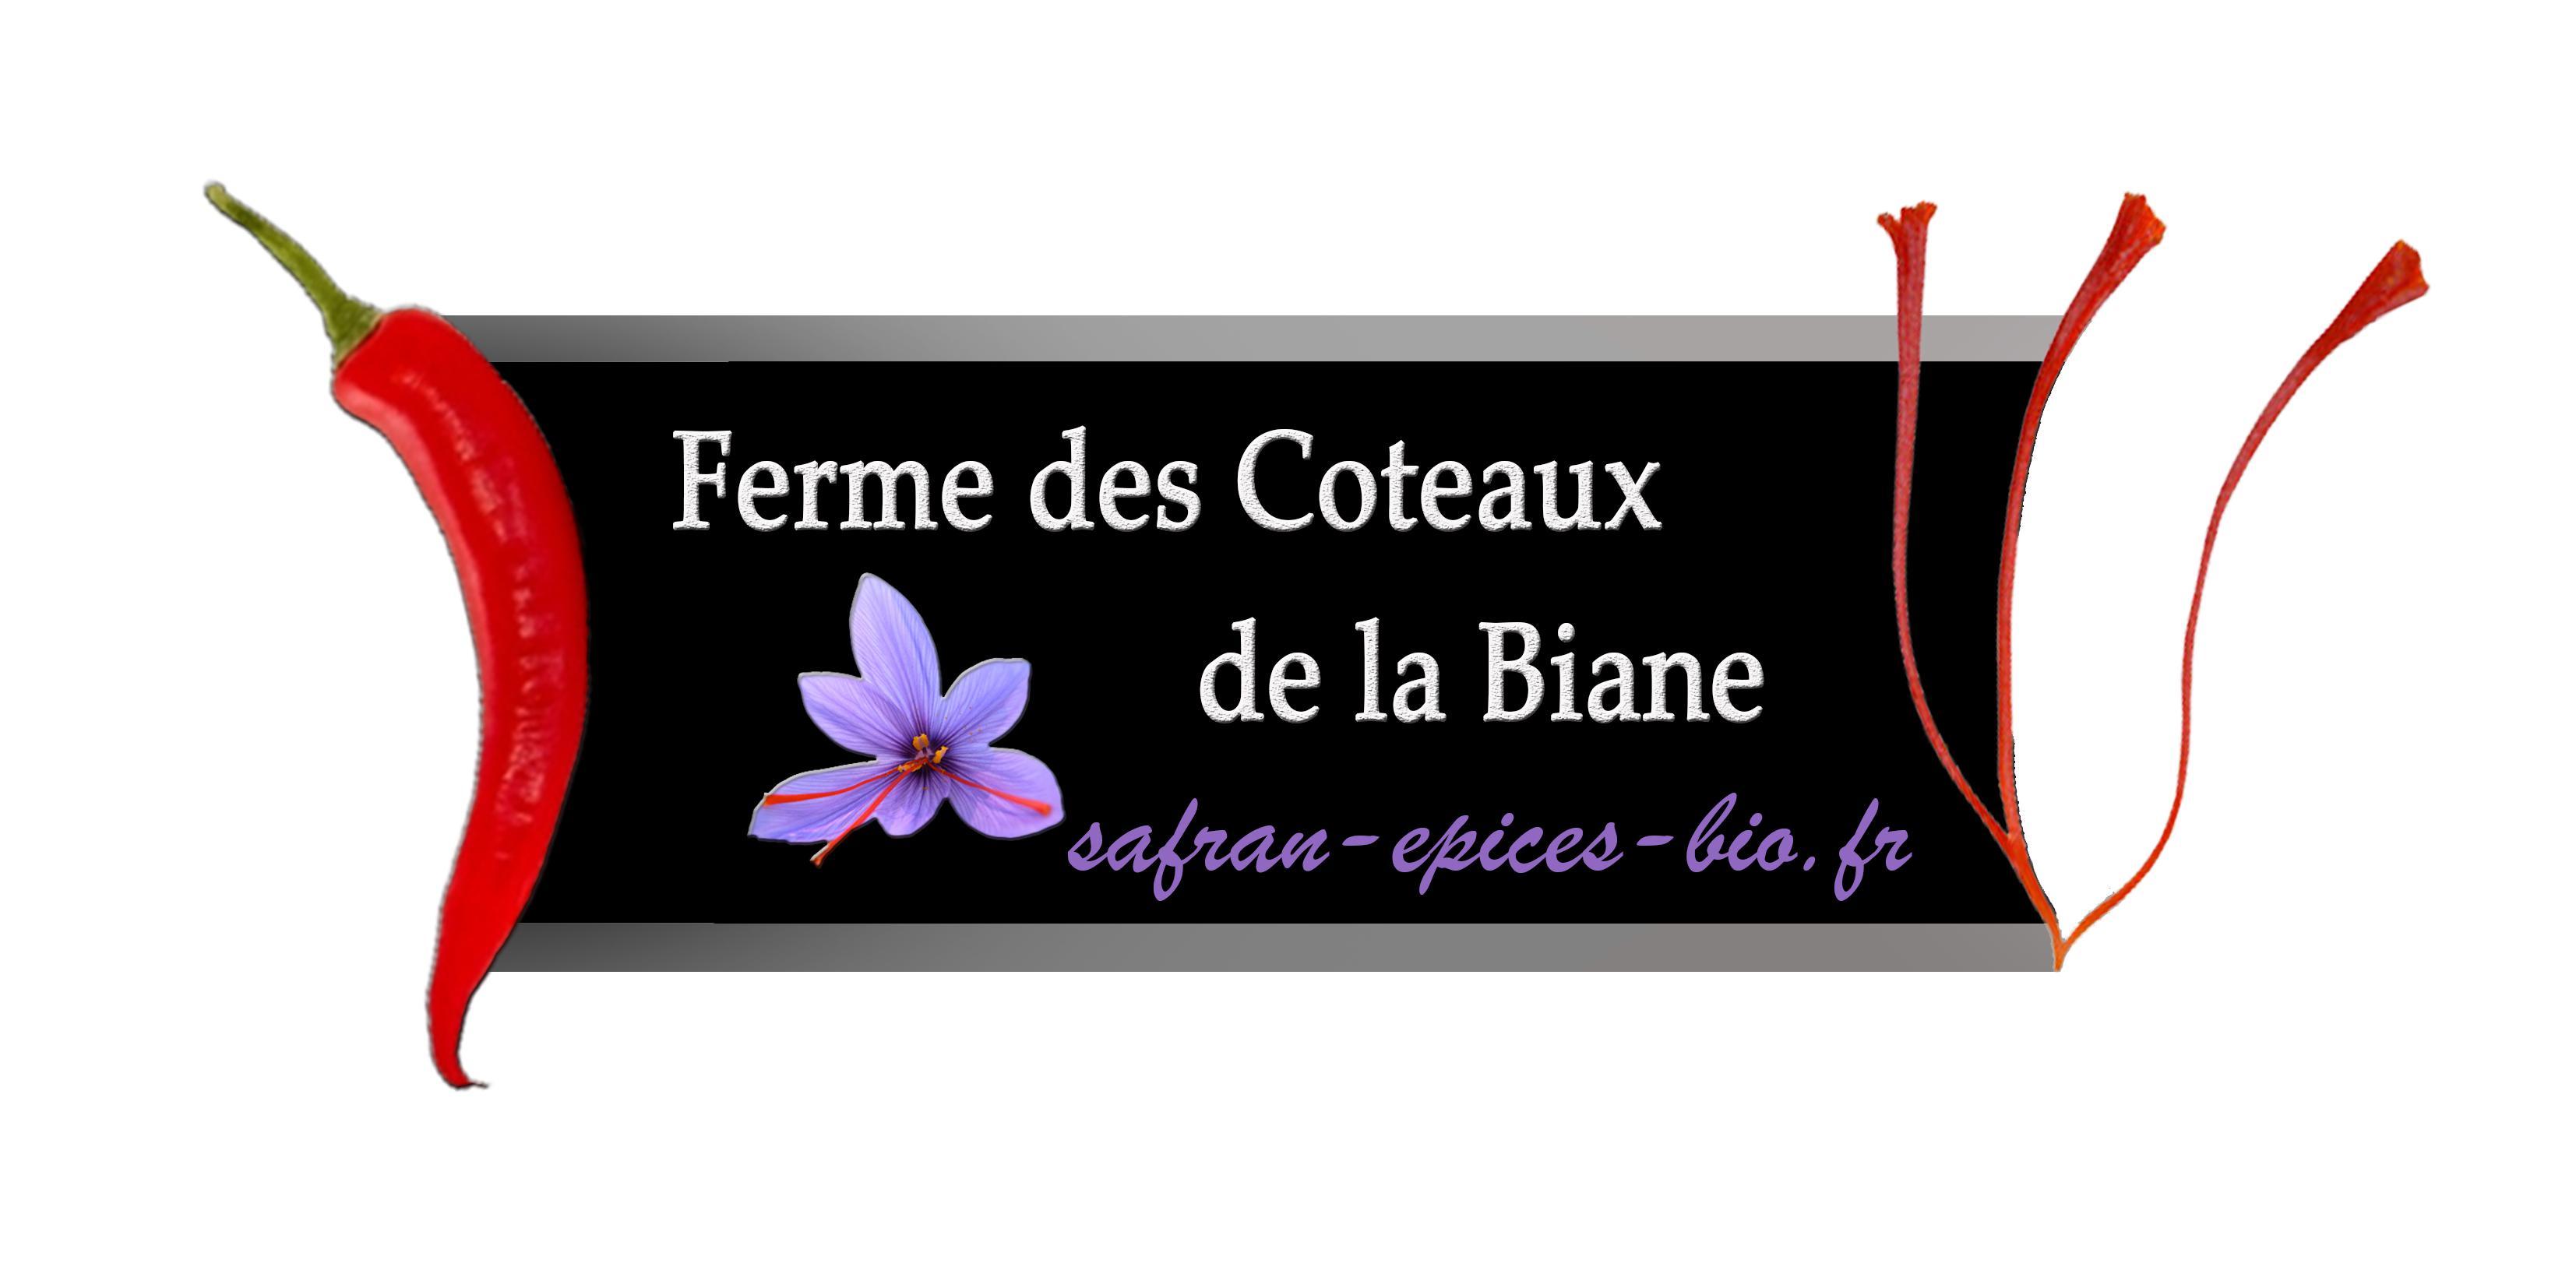 Ferme des Coteaux de la Biane